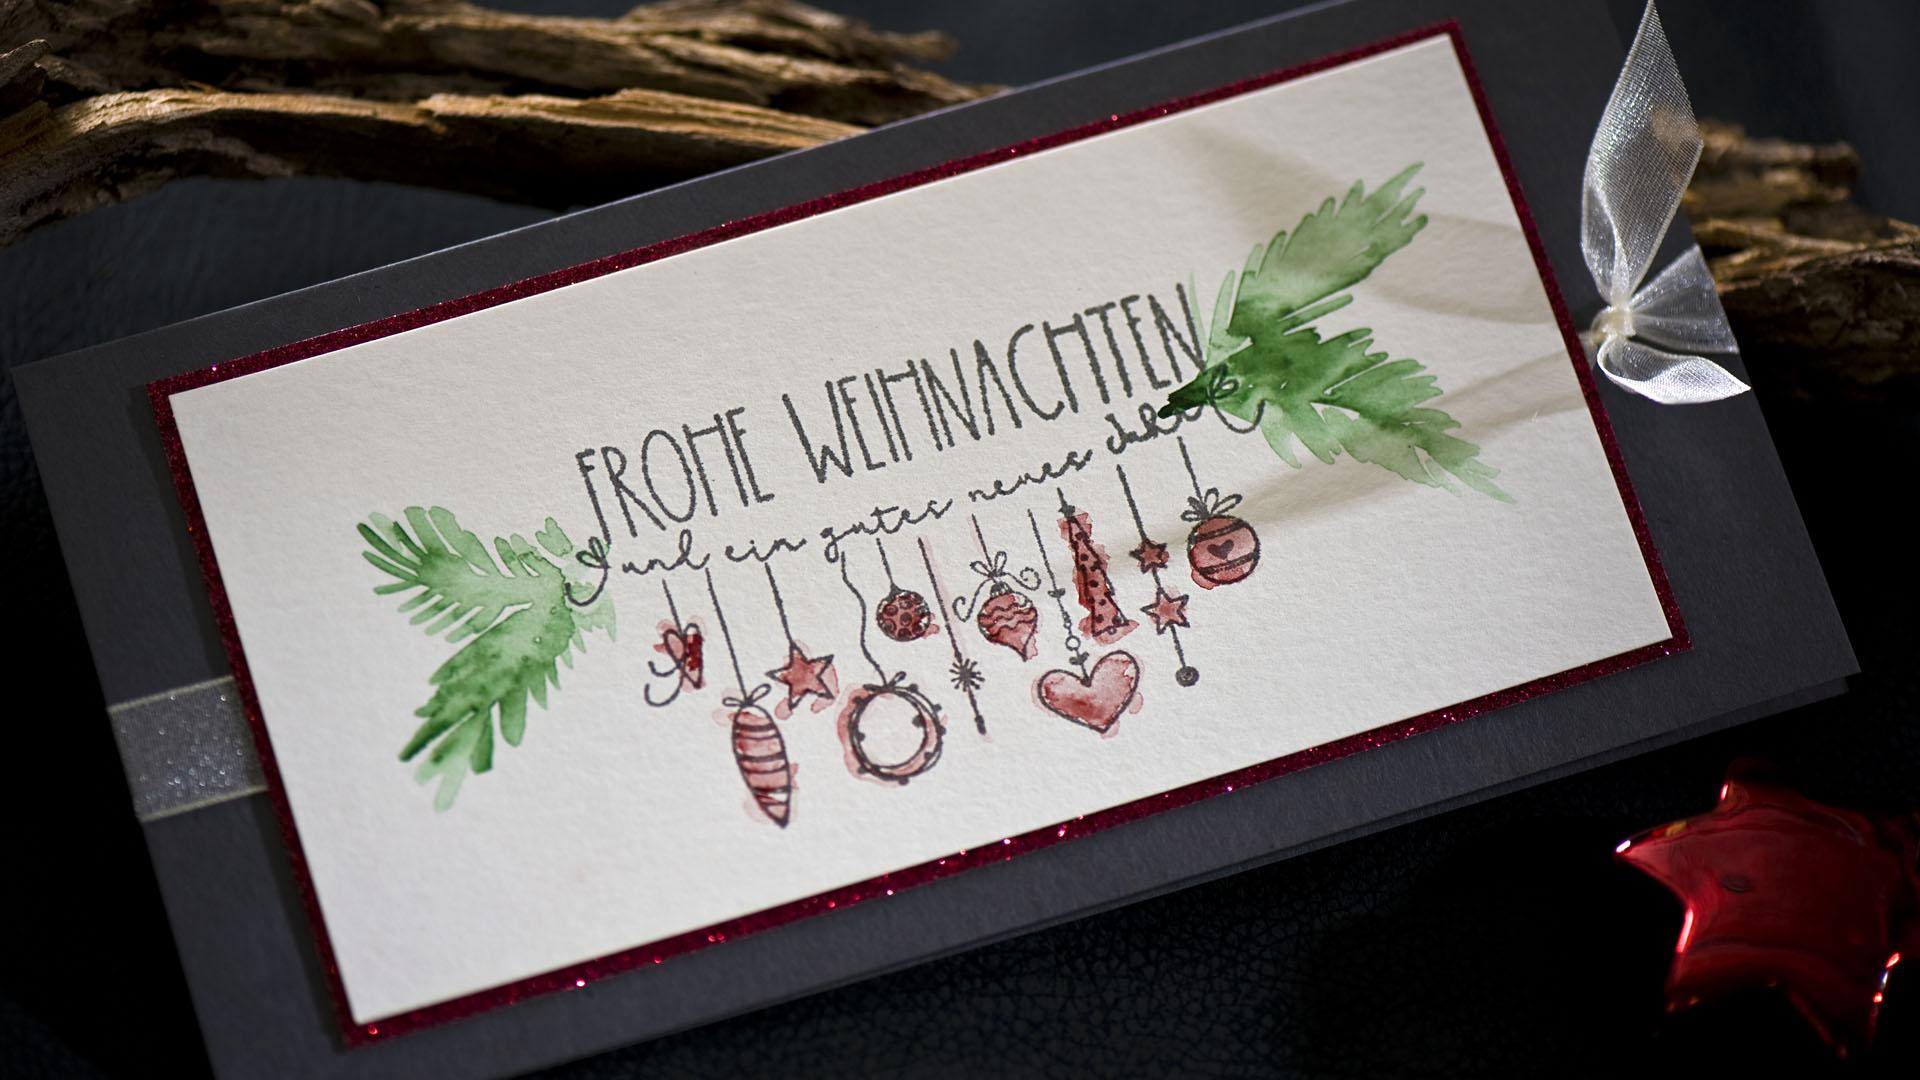 Ideen für die Weihnachtpost: Frohe Weihnachten